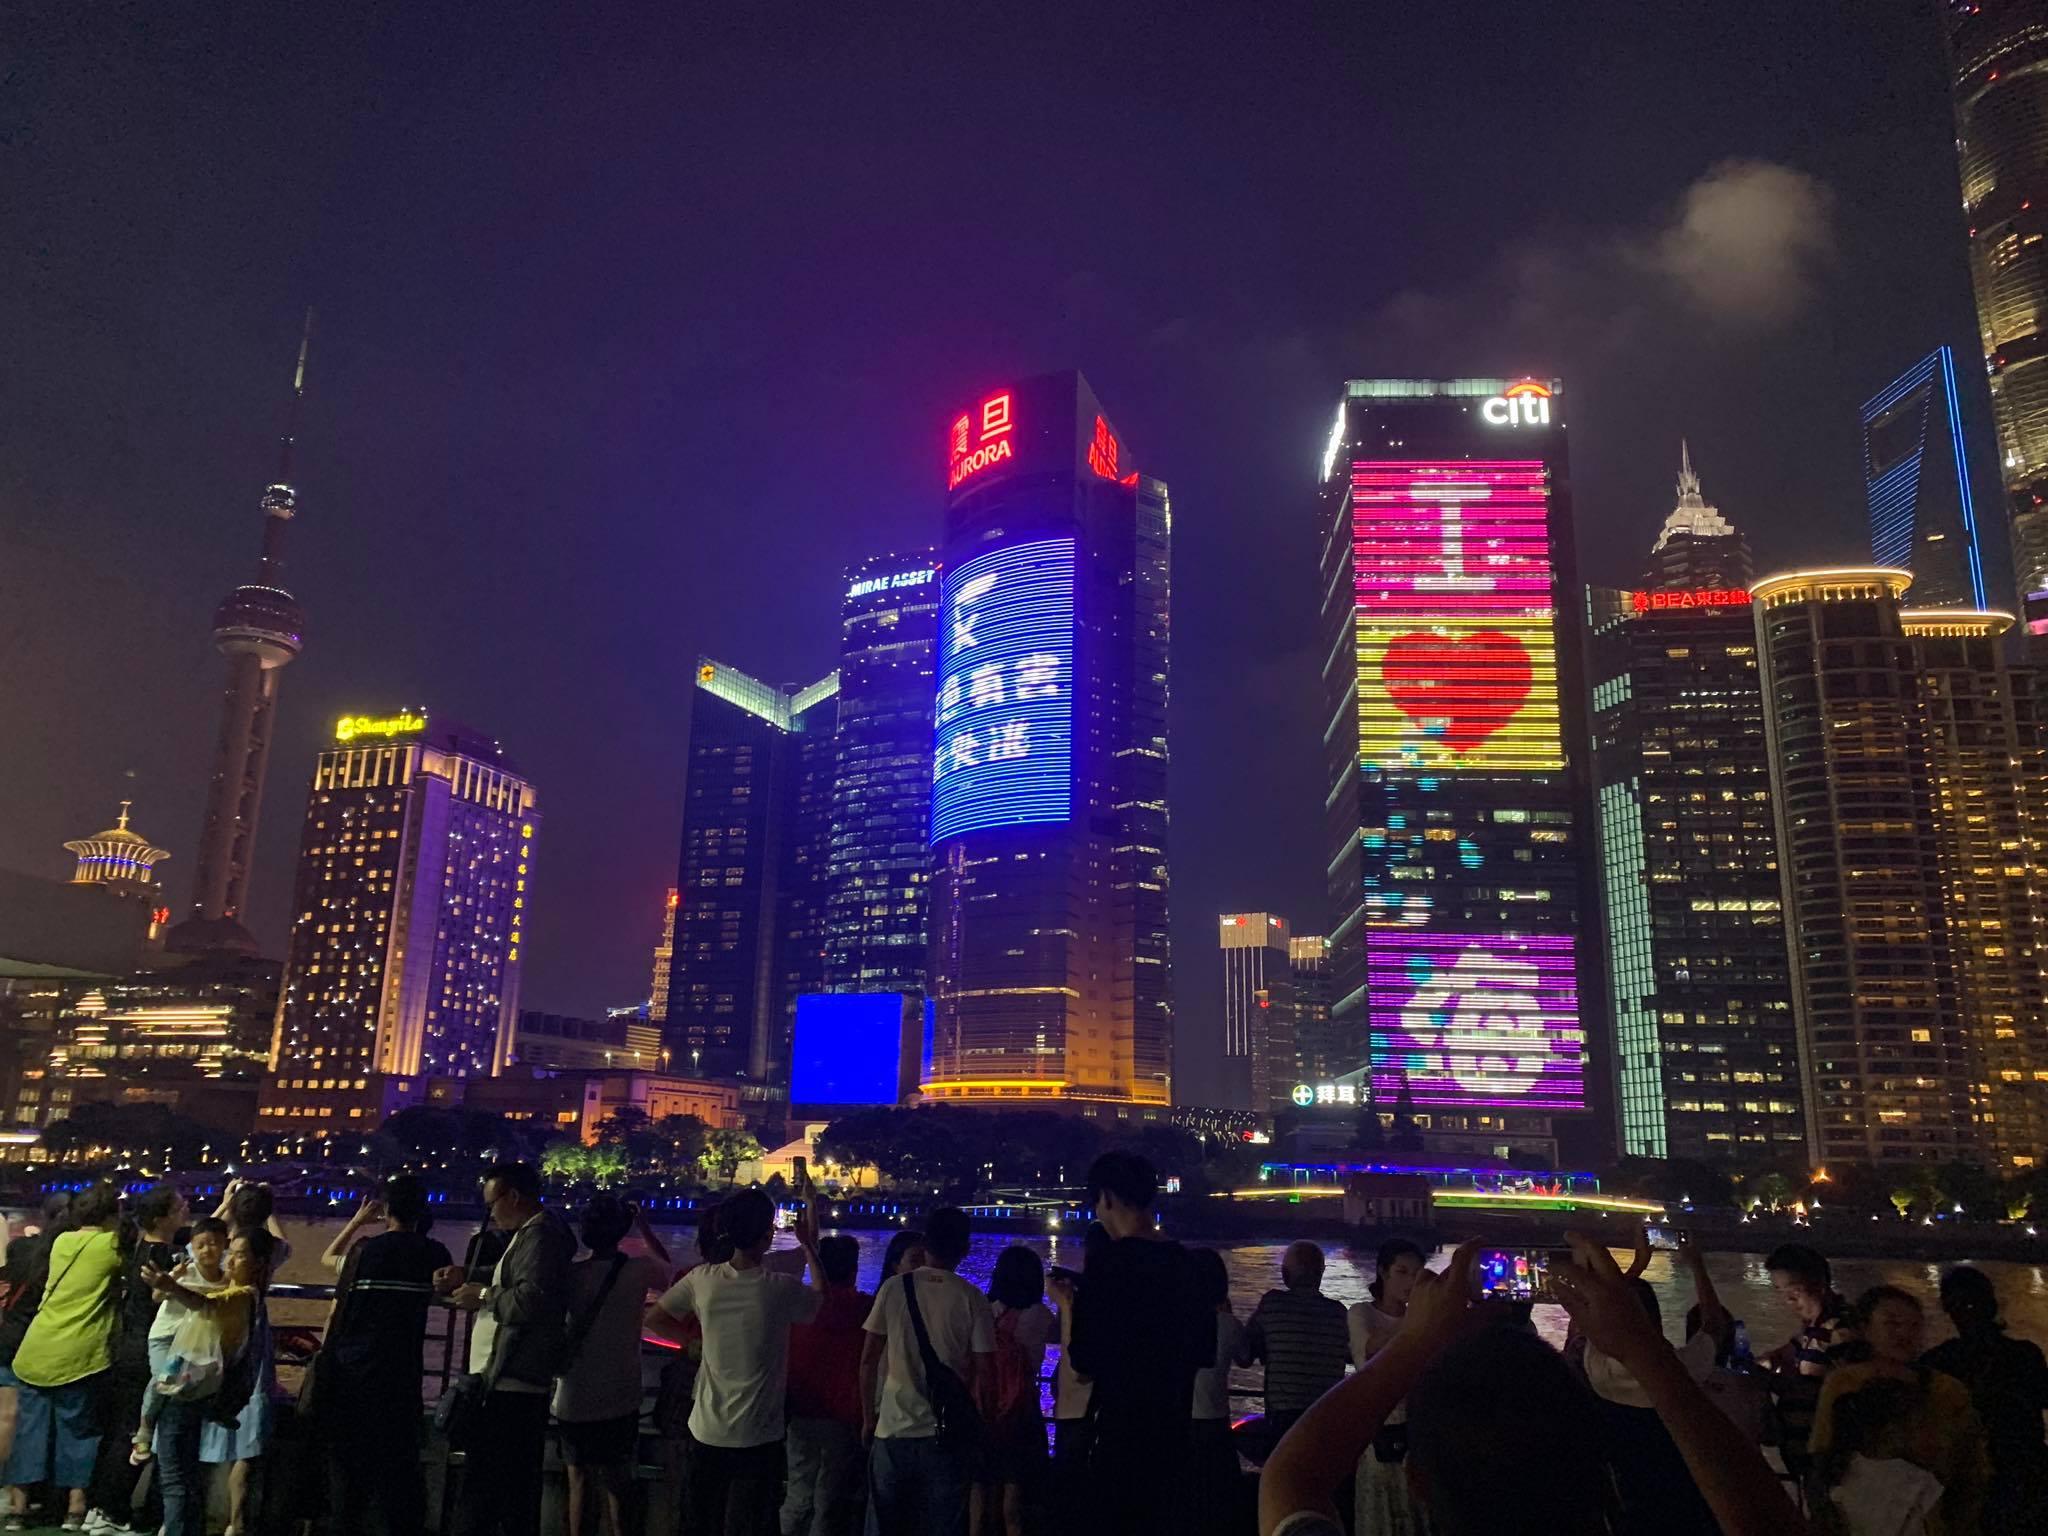 Day 6: Yu Garden, Shanghai Tower & Lin Long Fang / China